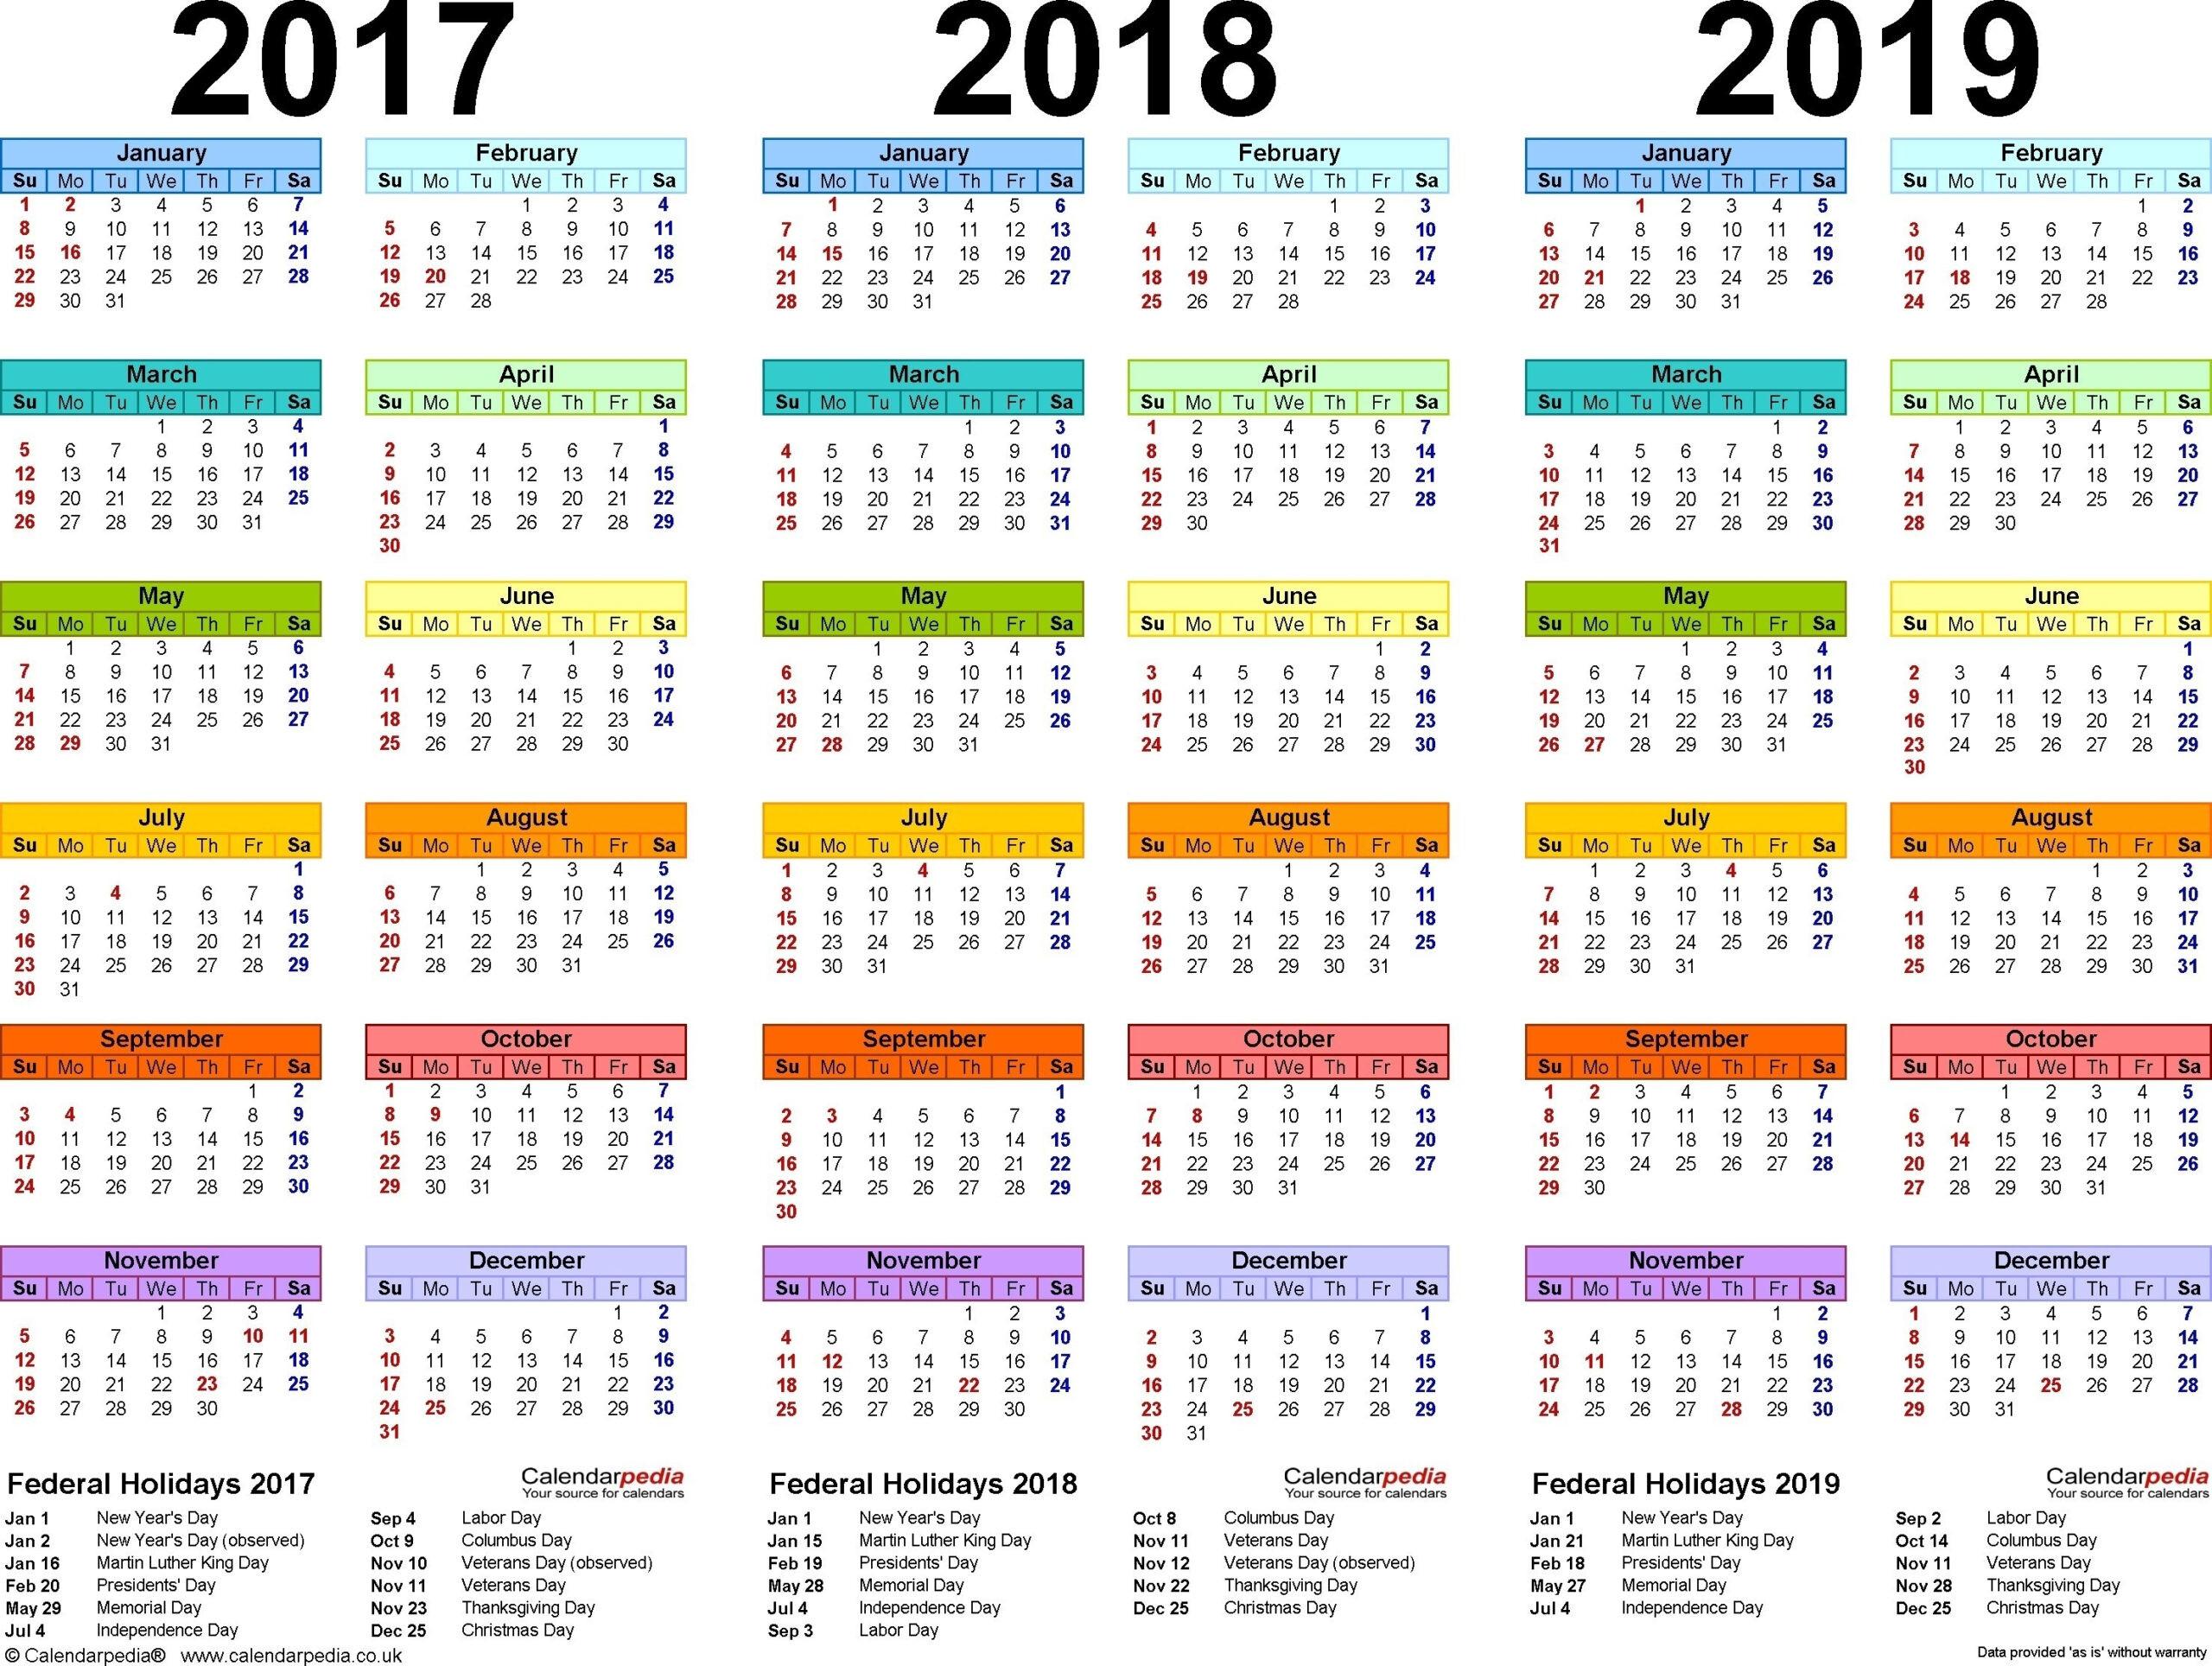 Depo Callendar 2021 | Calendar Printables Free Blank  Depo-Provera Injection Calendar Printable 2021